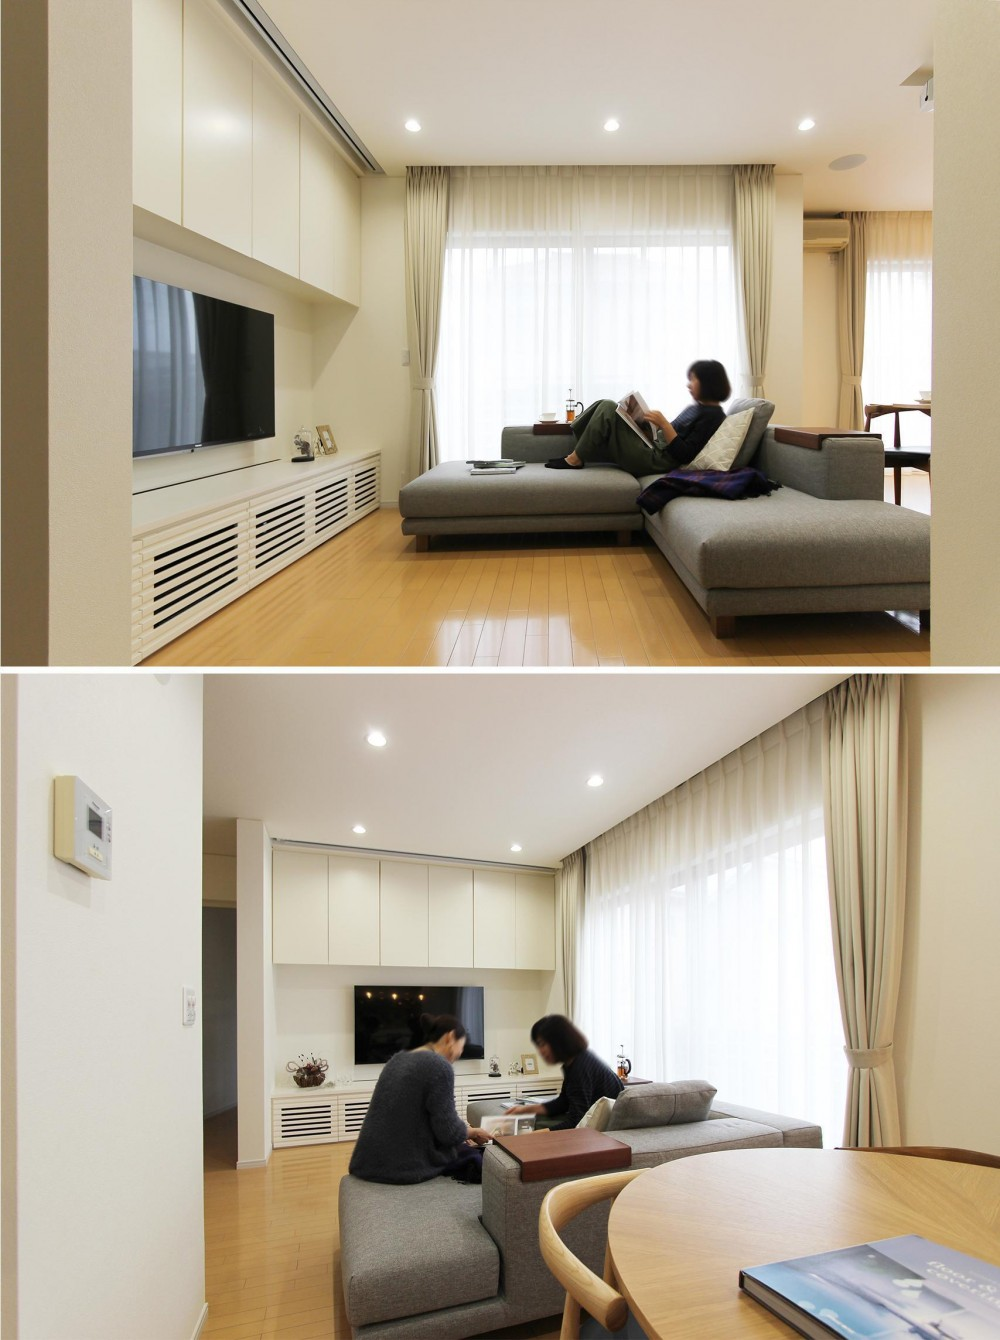 カフェのようにくつろげる空間…《オーダーキッチン》 (ゆったりと寛ぐリビング空間)